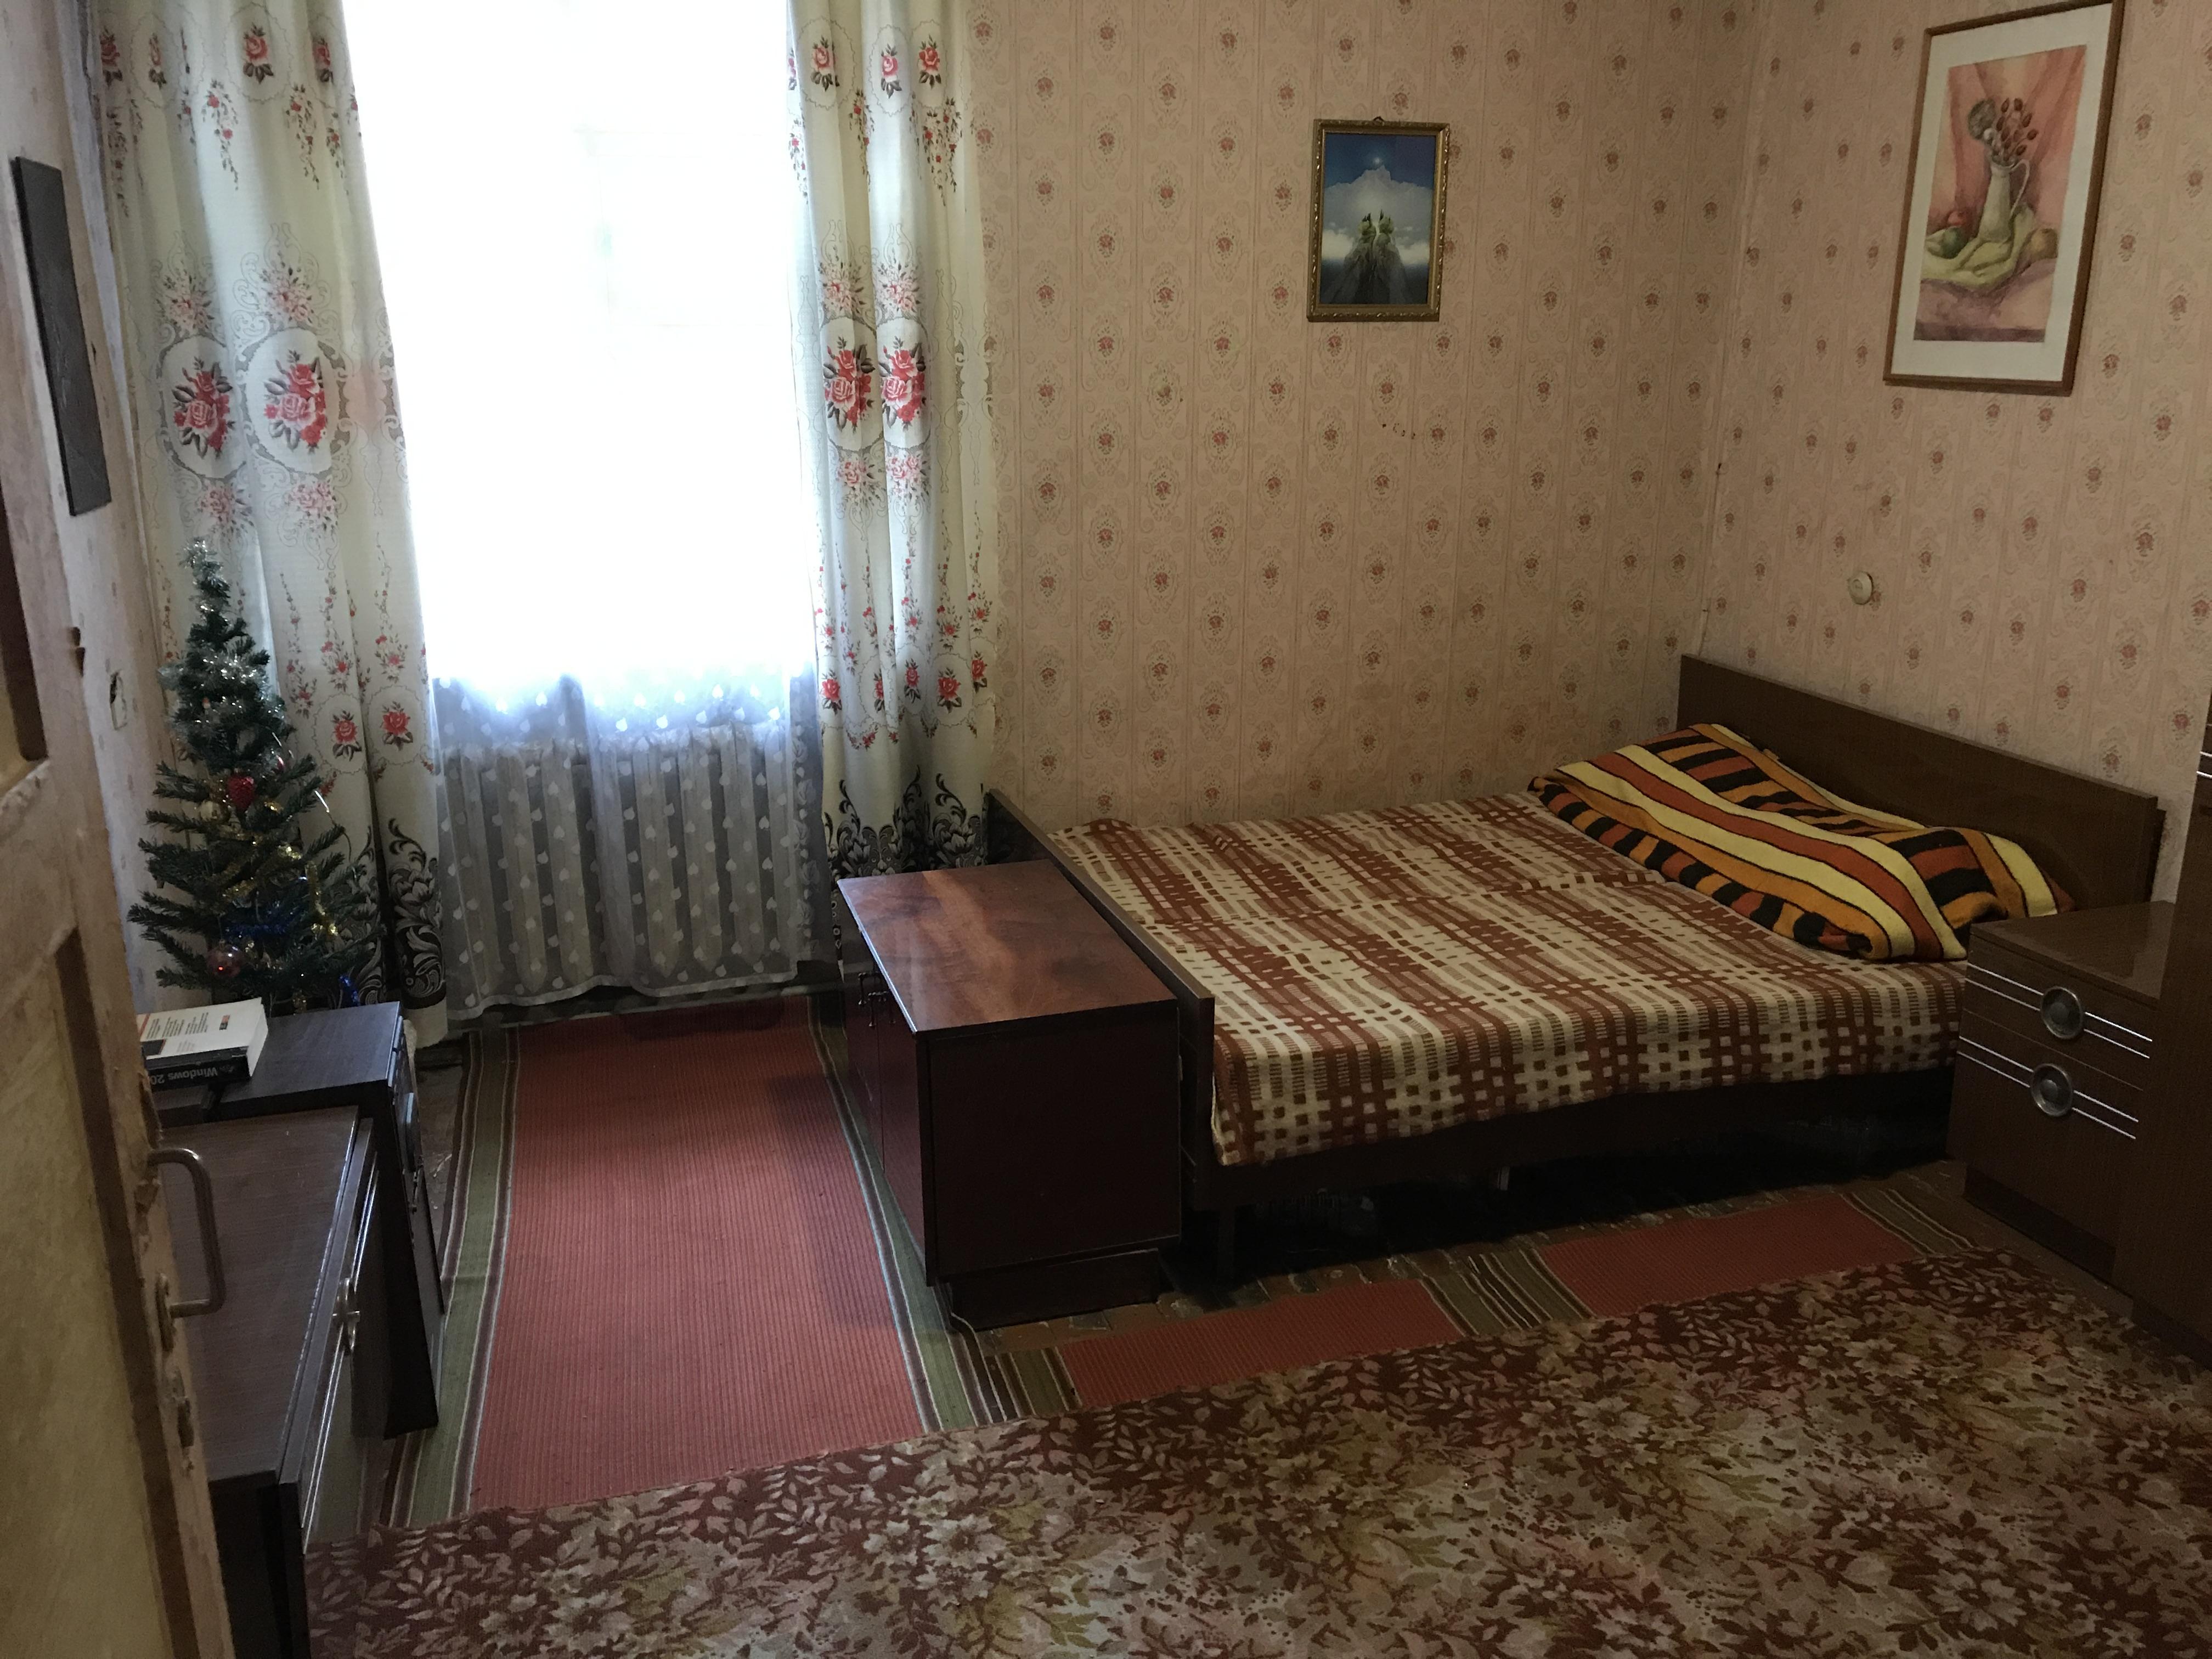 Квартира на продажу по адресу Россия, Ростовская область, Батайск, Авиагородок мкр, д. 13